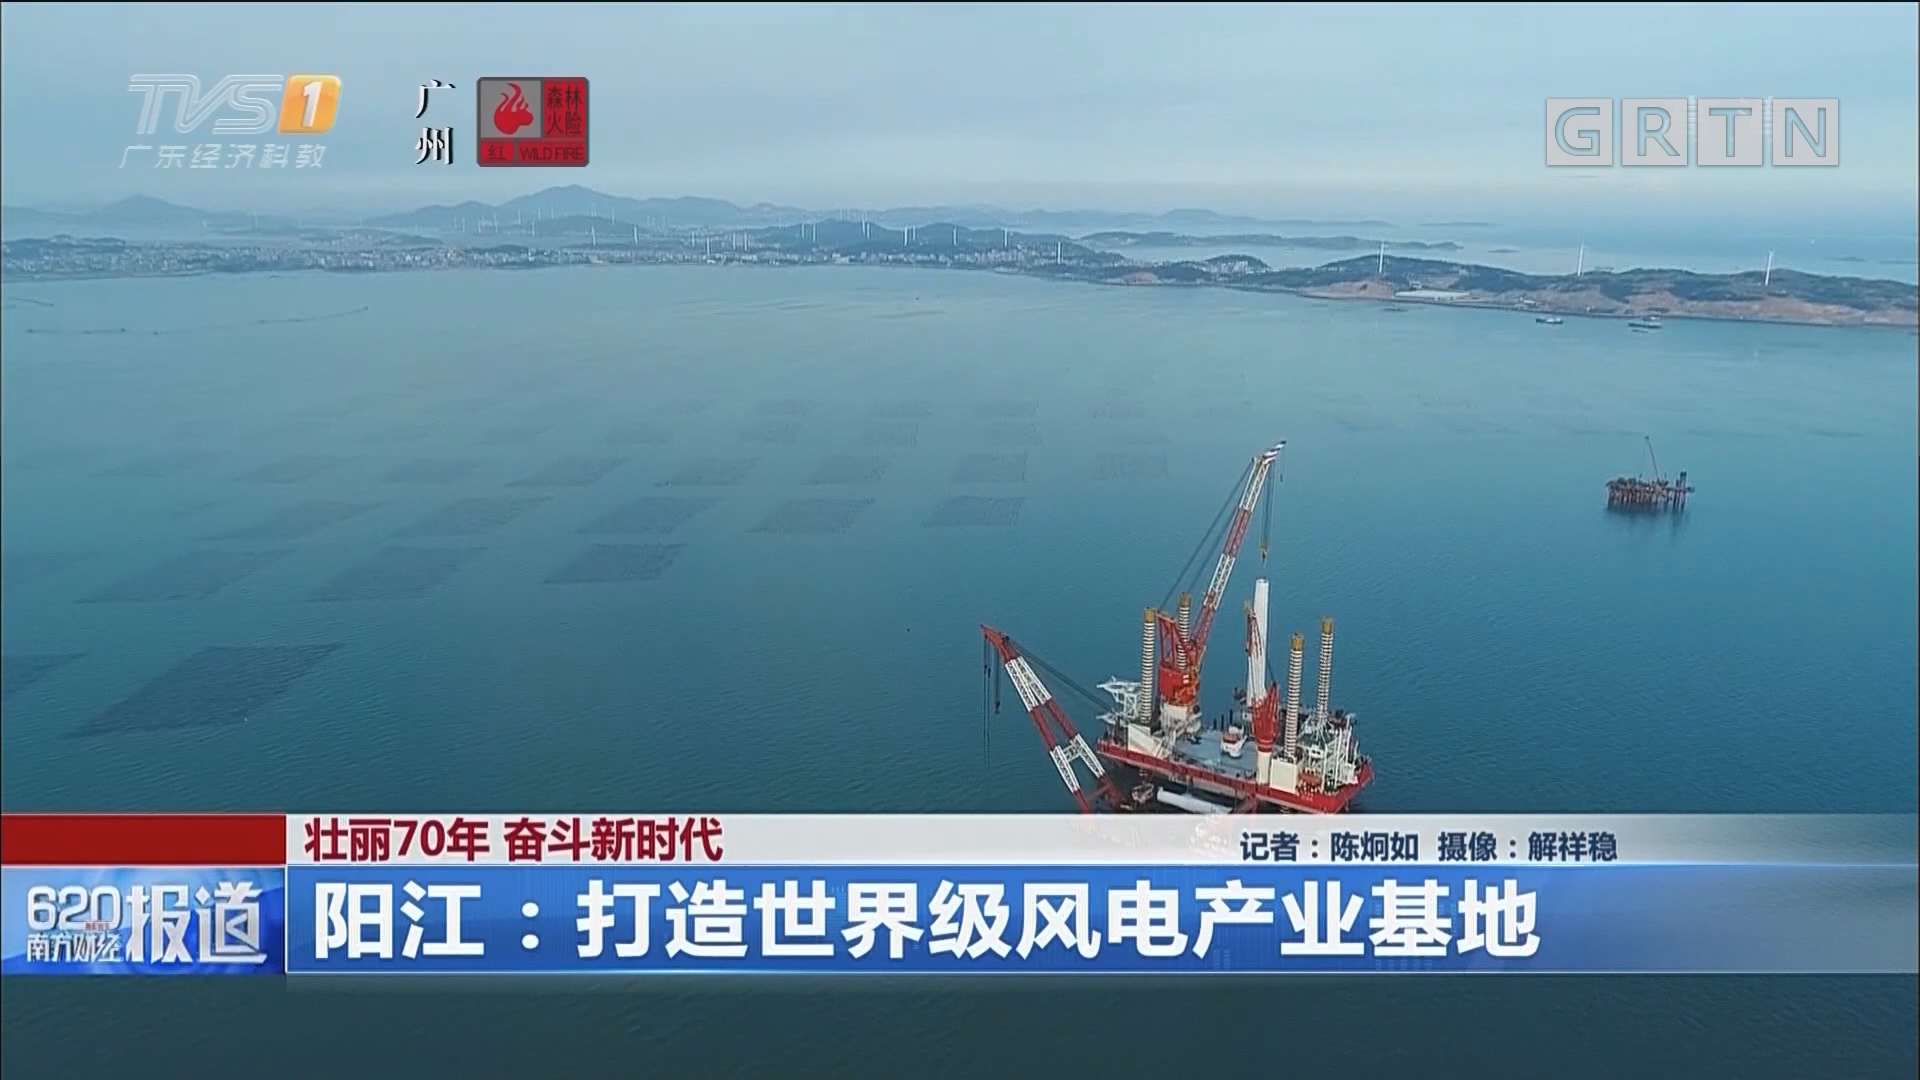 壮丽70年 奋斗新时代 阳江:打造世界级风电产业基地